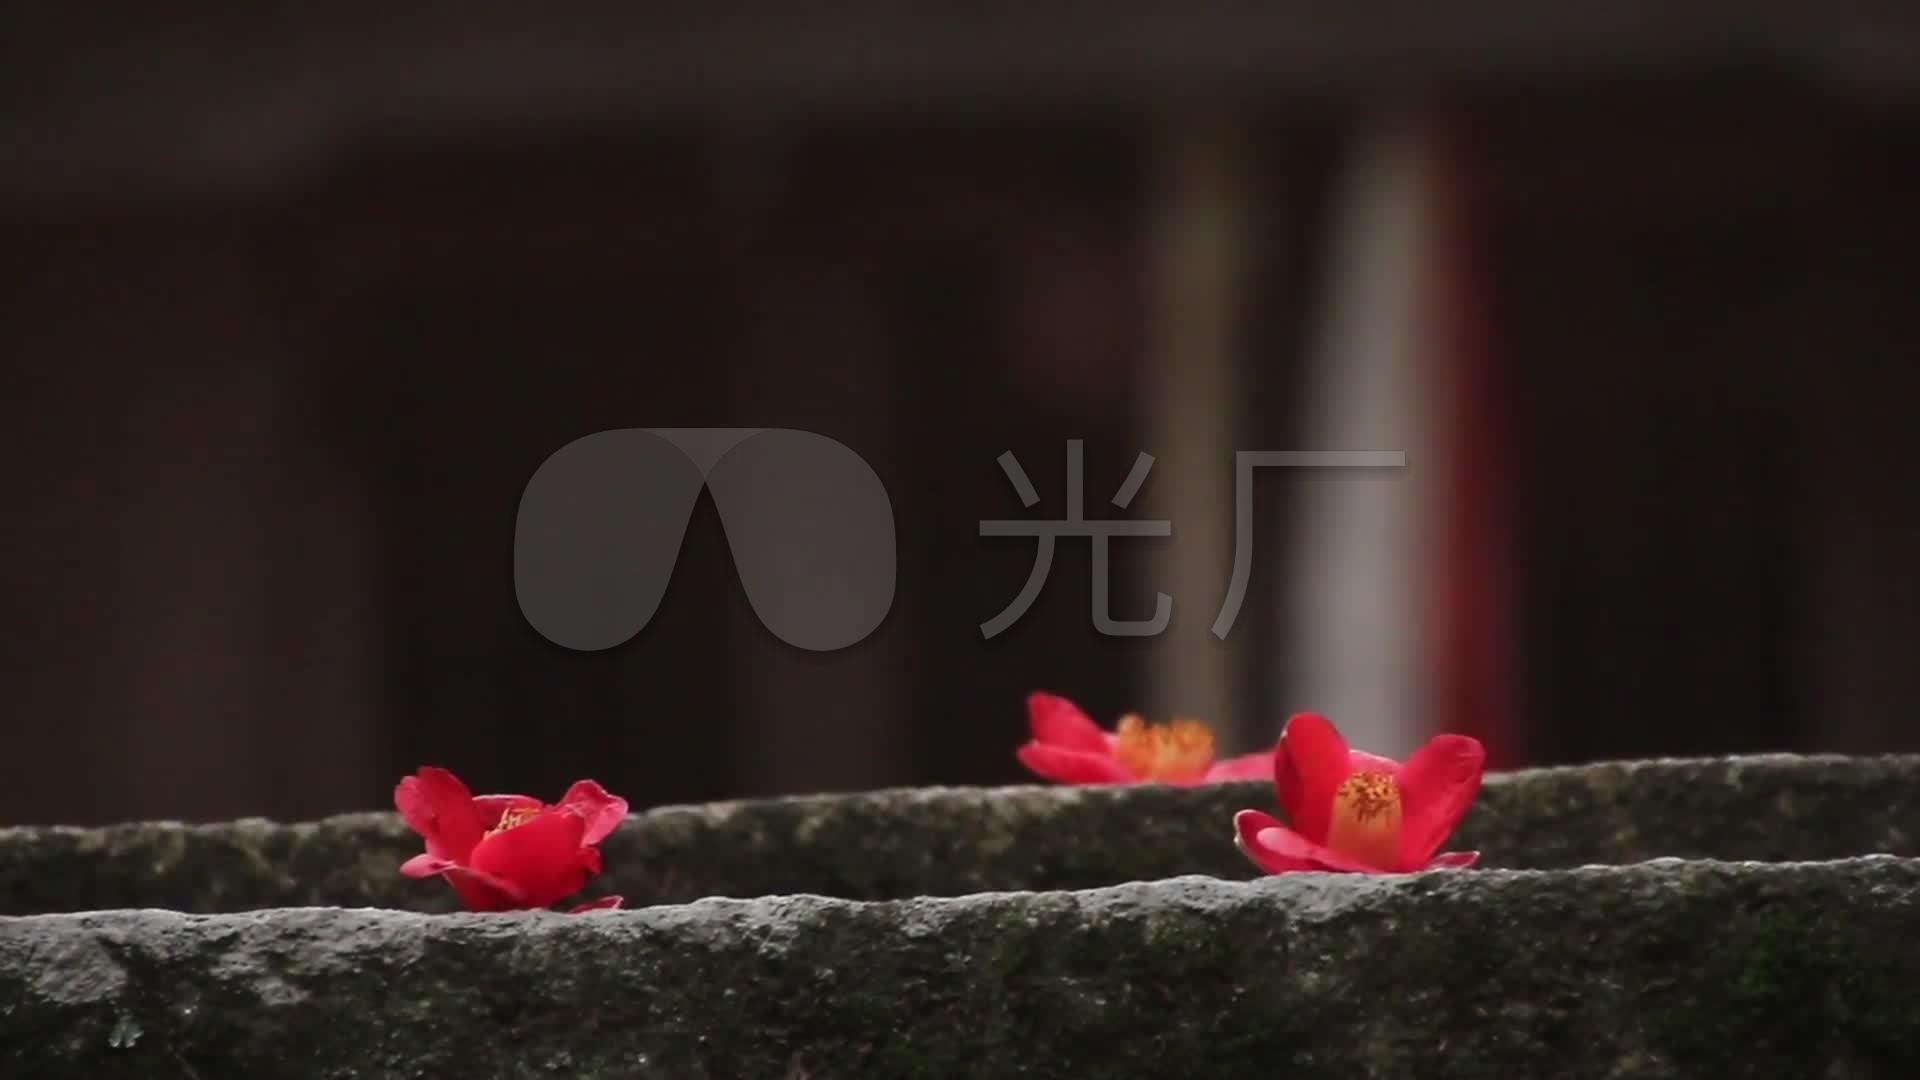 唯美寺庙佛教禅禅意古刹古建筑花儿意境图片